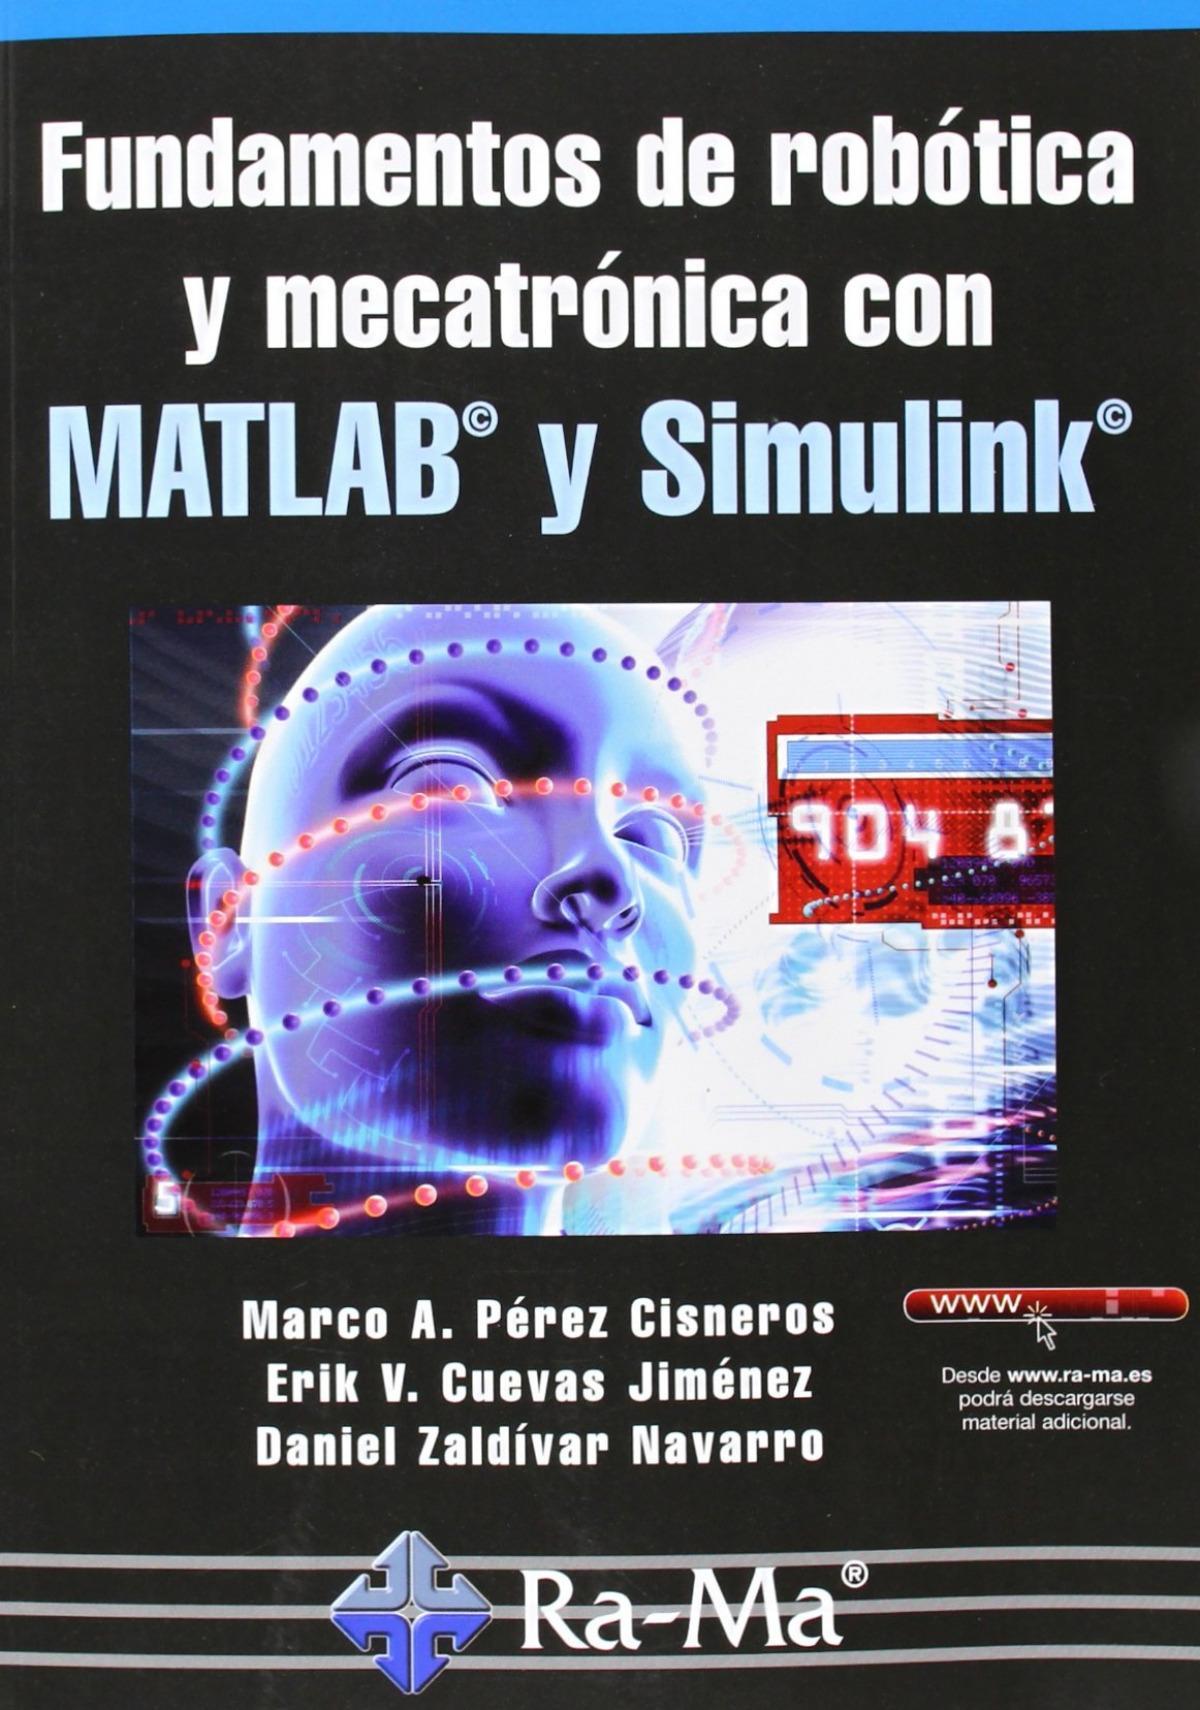 FUND.DE ROBOTICA Y MECATRONICA CON MATLAB Y SIMULINK 9788499642697